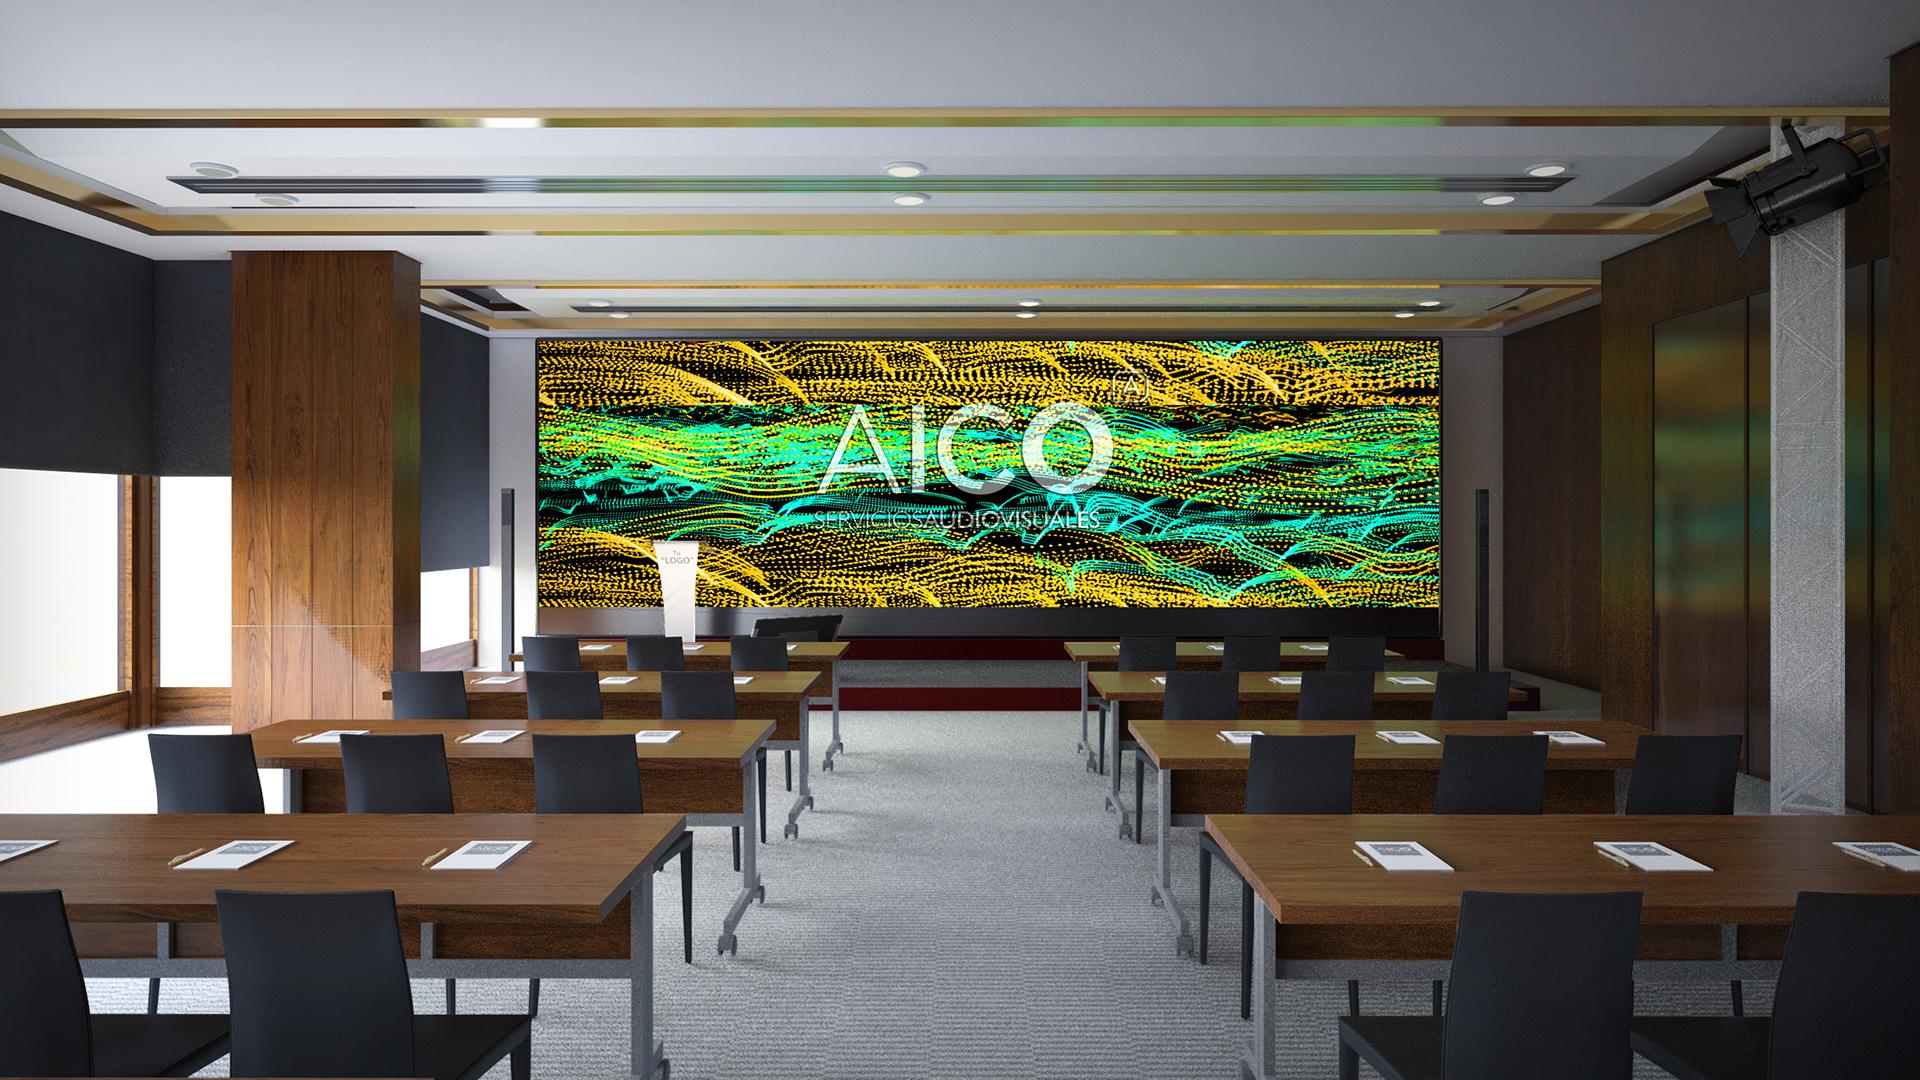 Hotel Melia 1 pantalla 750cm Led_Aico